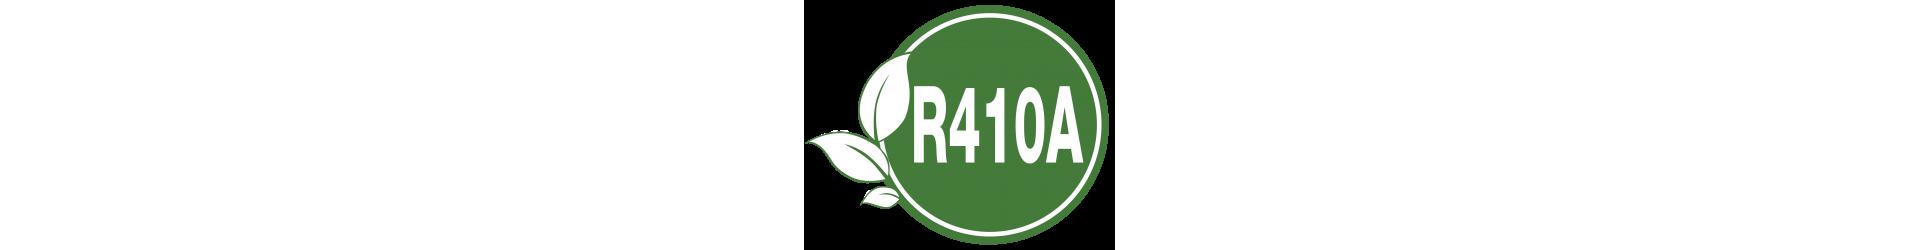 R410A Daikin